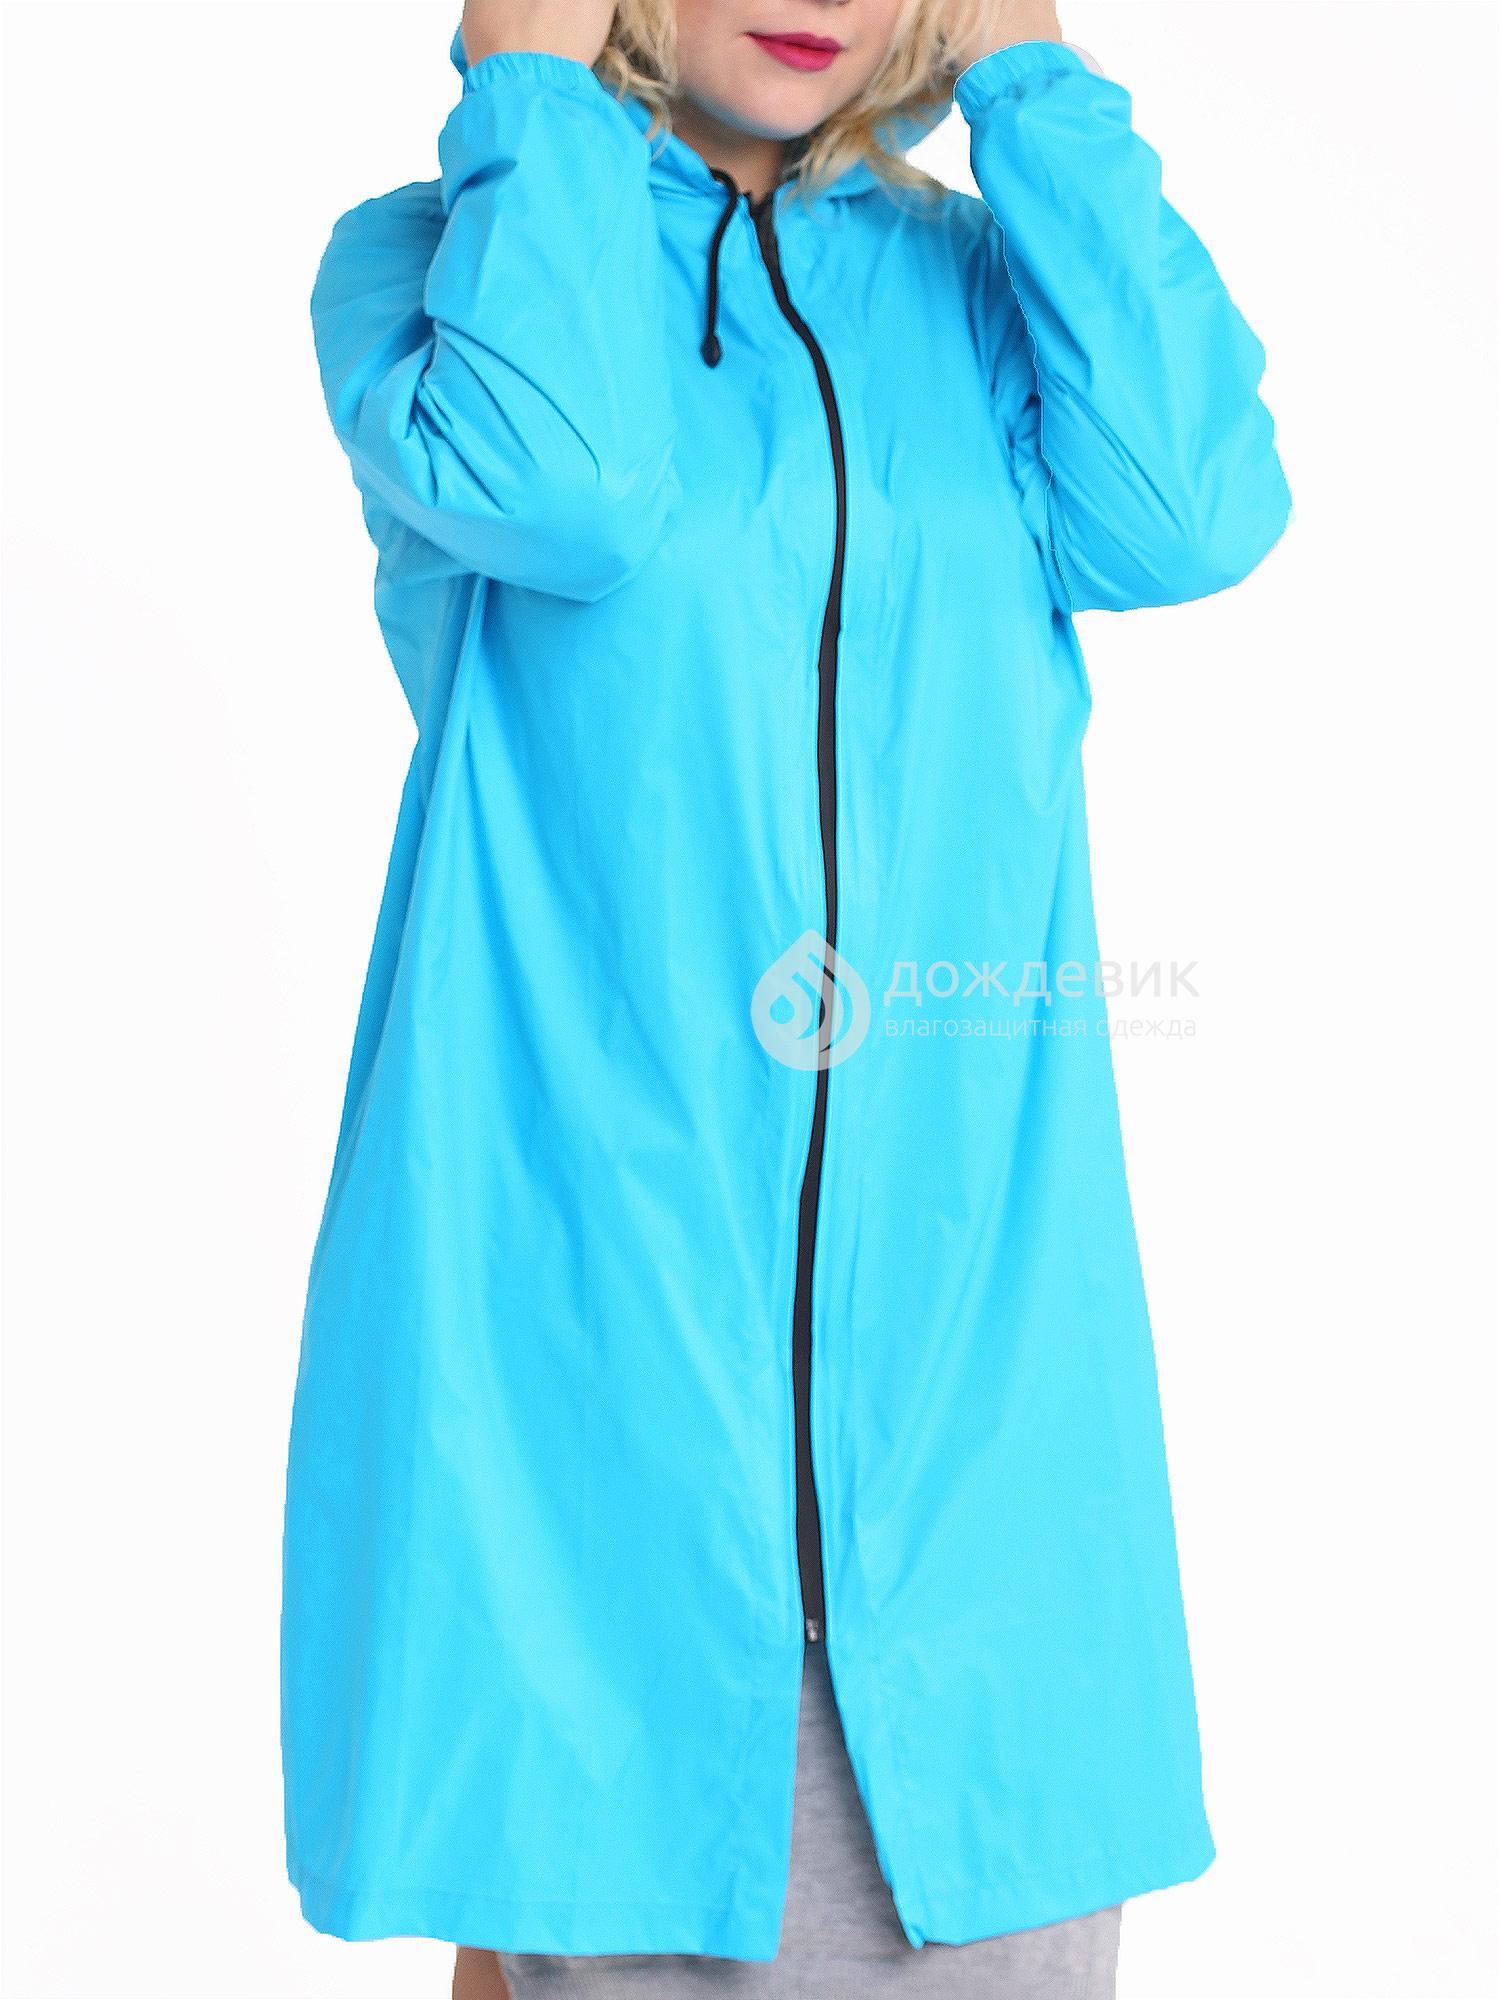 Плащ-дождевик «Ультра» модный непромокаемый на молнии небесно-голубой